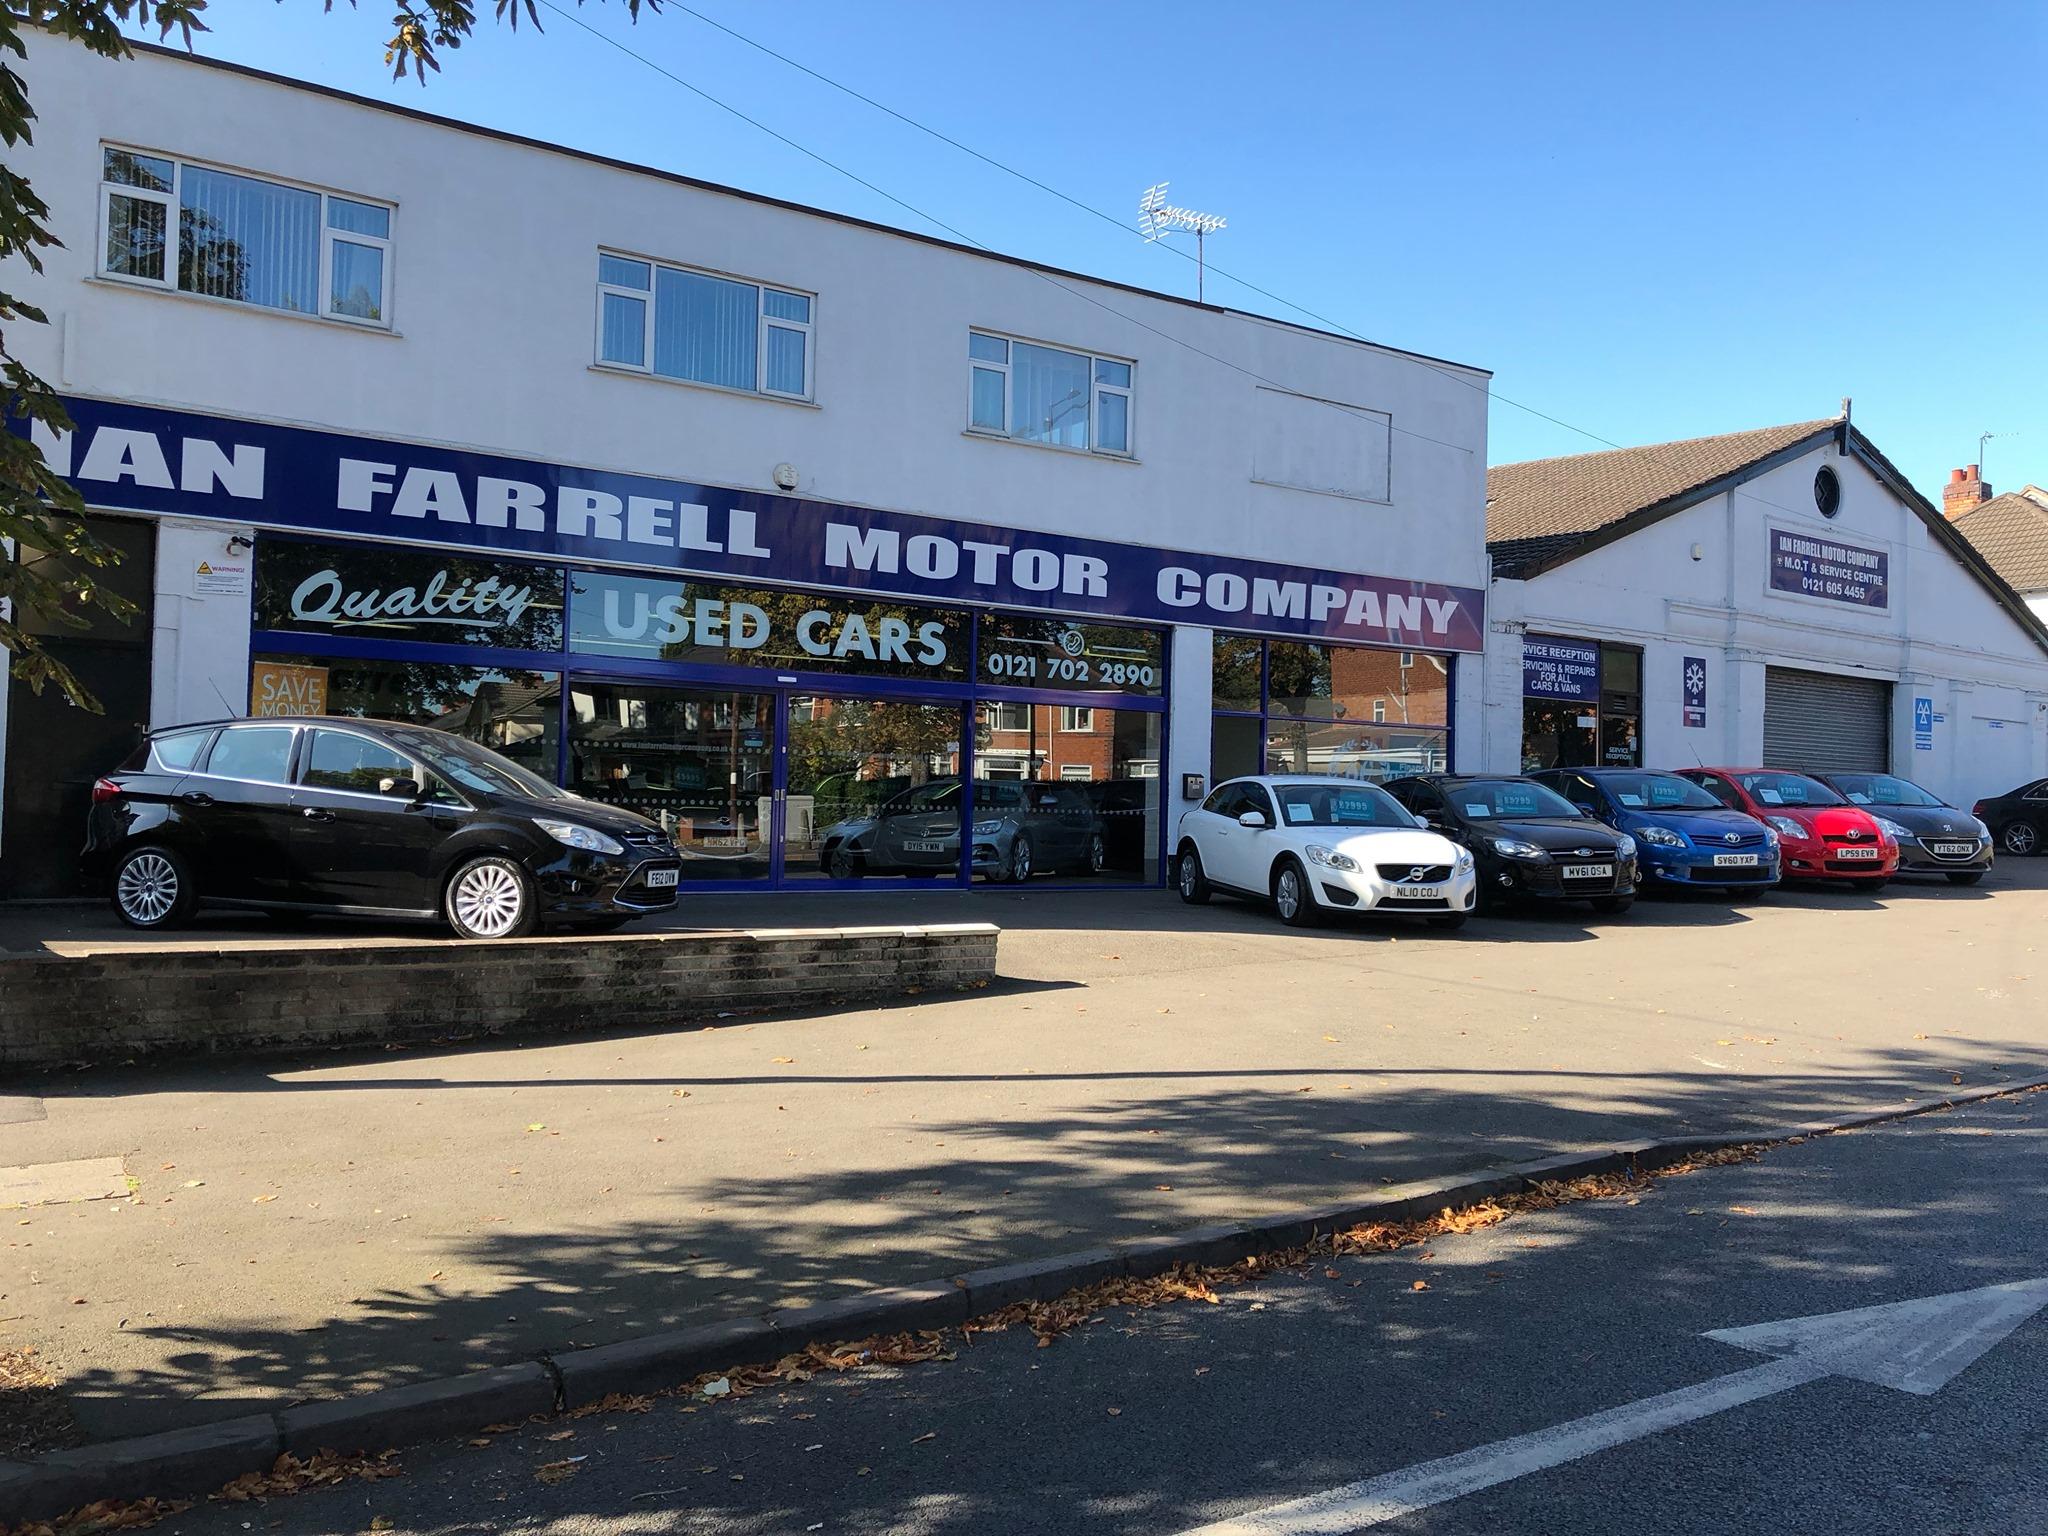 Ian Farrell Motor Company